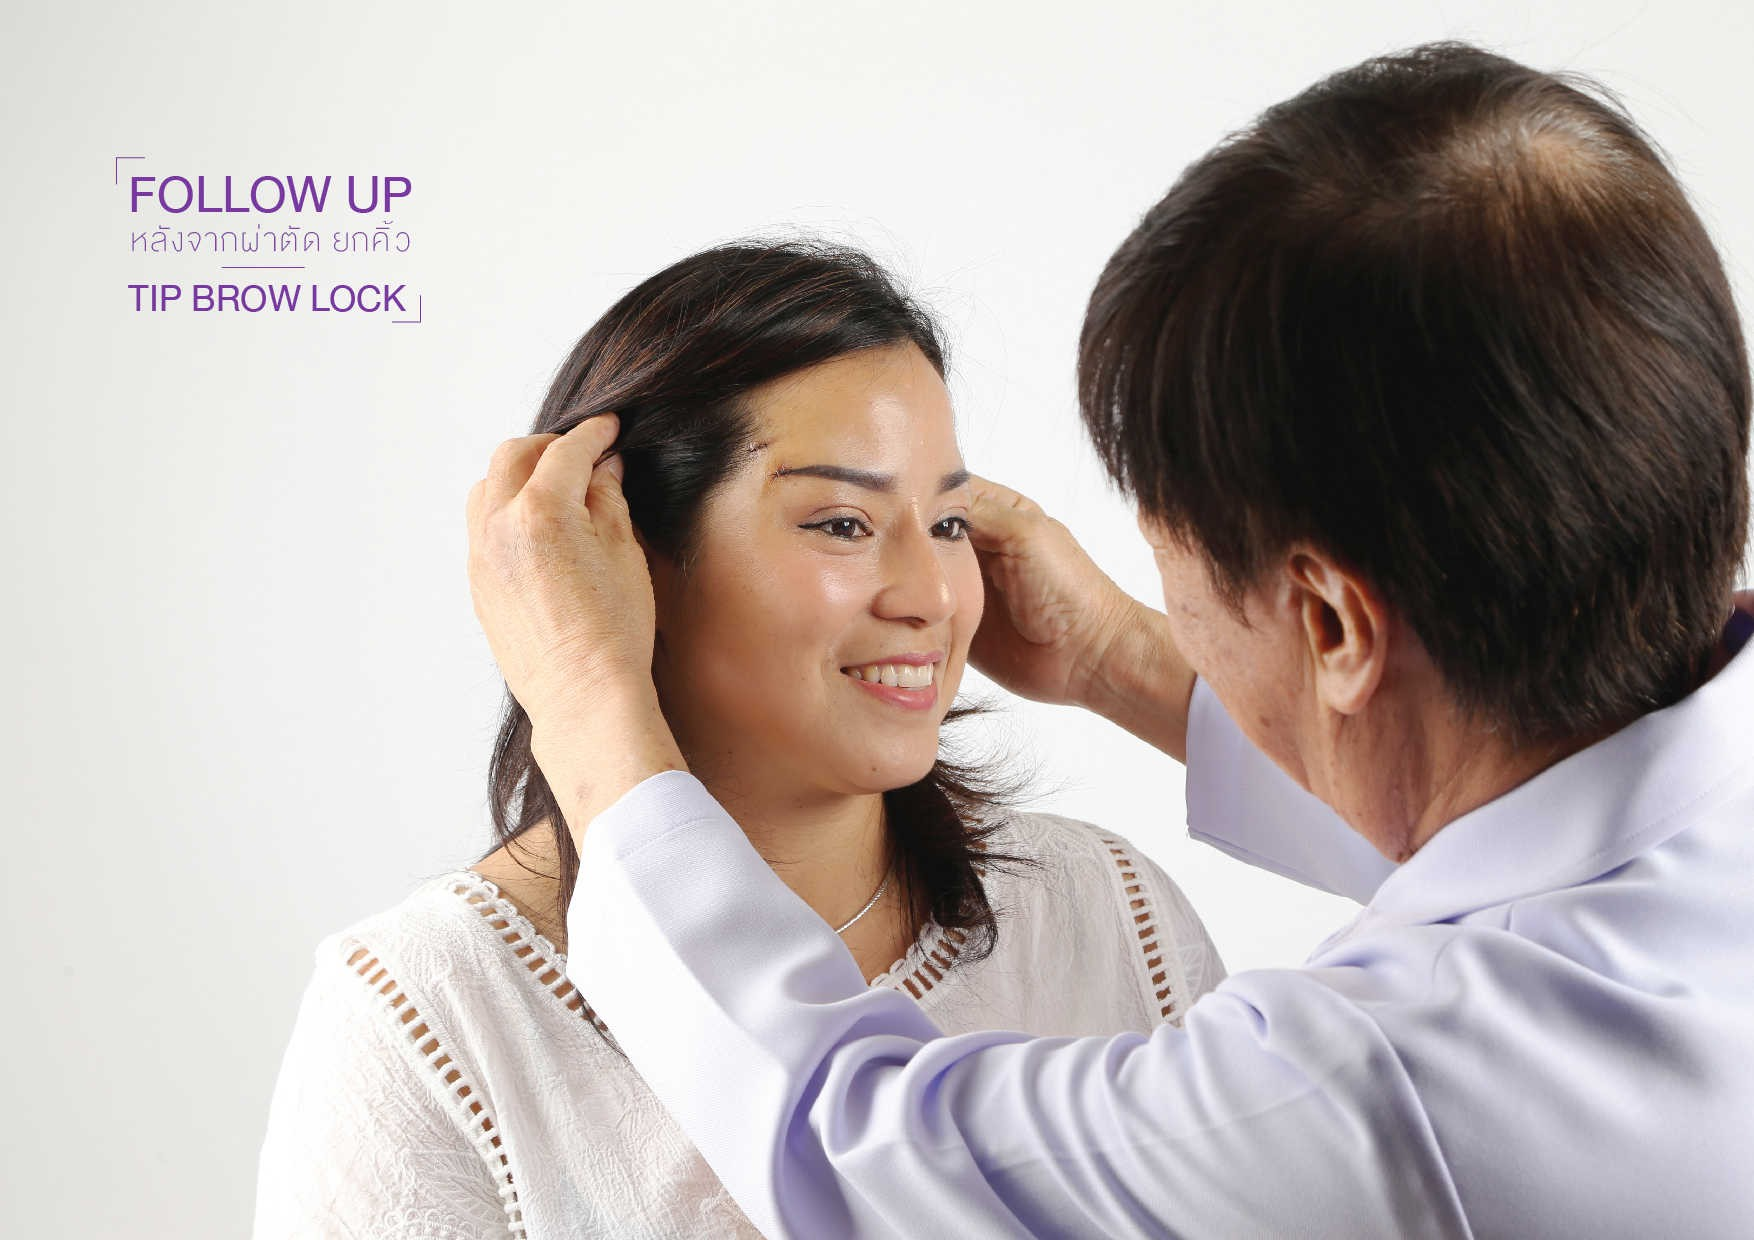 ยกคิ้ว (Brow Lift) ปกติแล้วการยกคิ้วเป็นส่วนหนึ่งของการศัลยกรรมดึงหน้าหรือหน้าผาก เมื่ออายุมากขึ้น คิ้วจะเลื่อนตำแหน่งลงมาใกล้ตามากขึ้นโดยที่เราไม่รู้ตัว